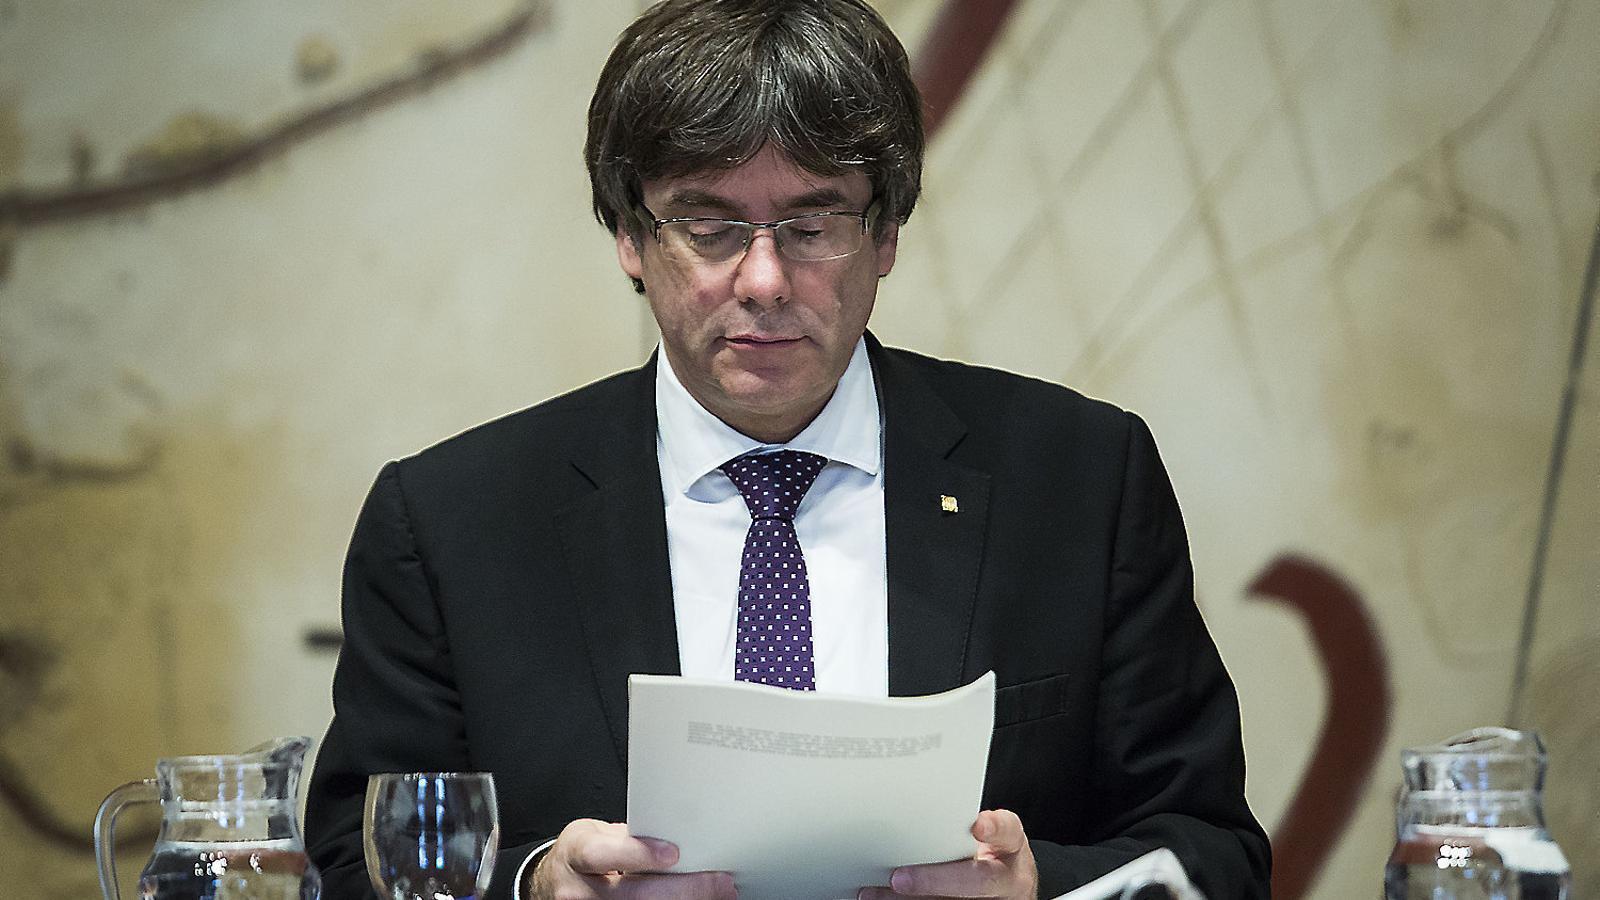 El president de la Generalitat, Carles Puigdemont, no assistirà avui al Senat.